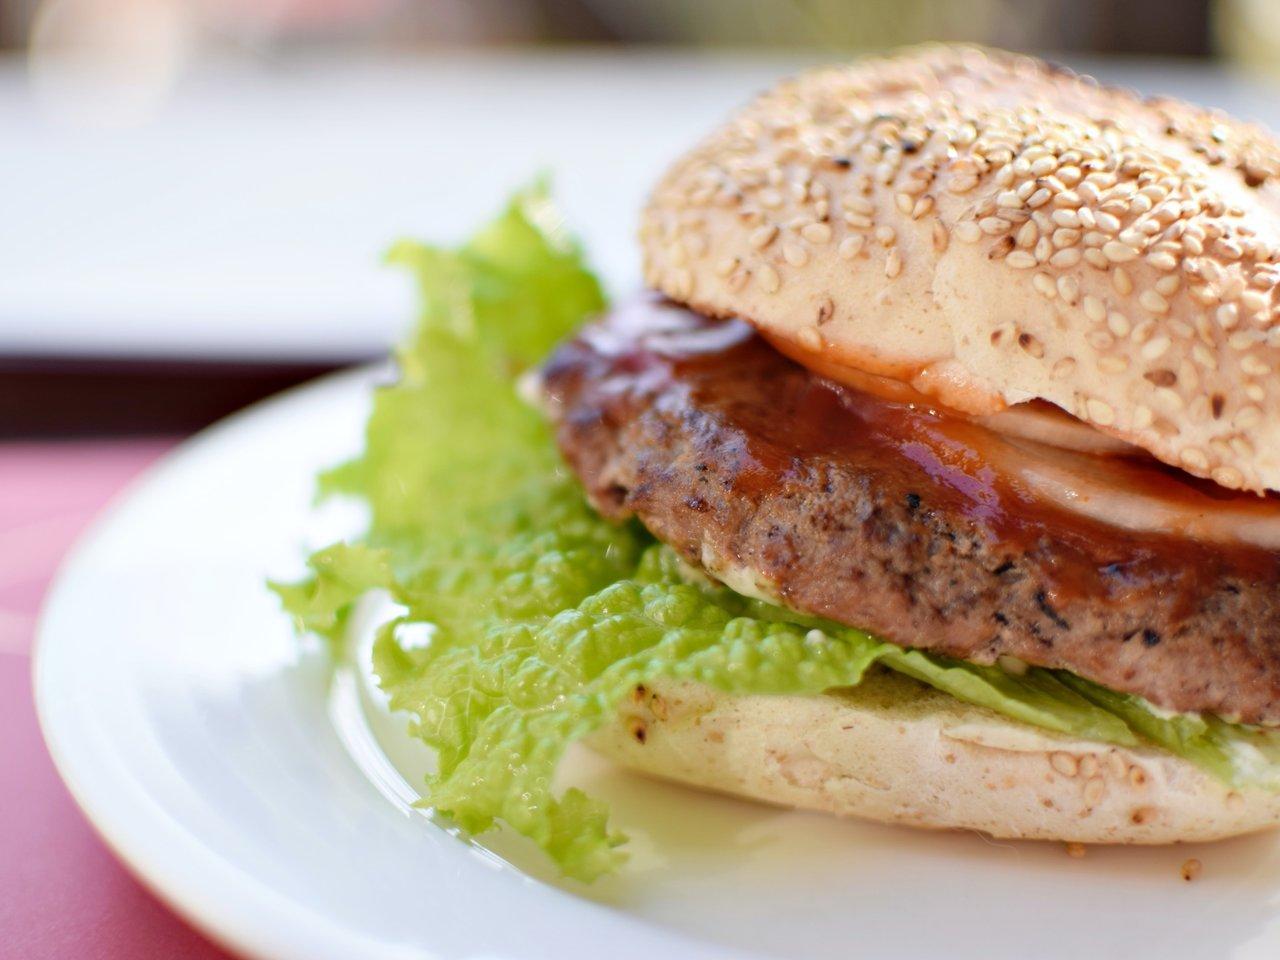 おいしいご当地ハンバーガー 炭火パテの味が忘れられない島根県・三瓶バーガー